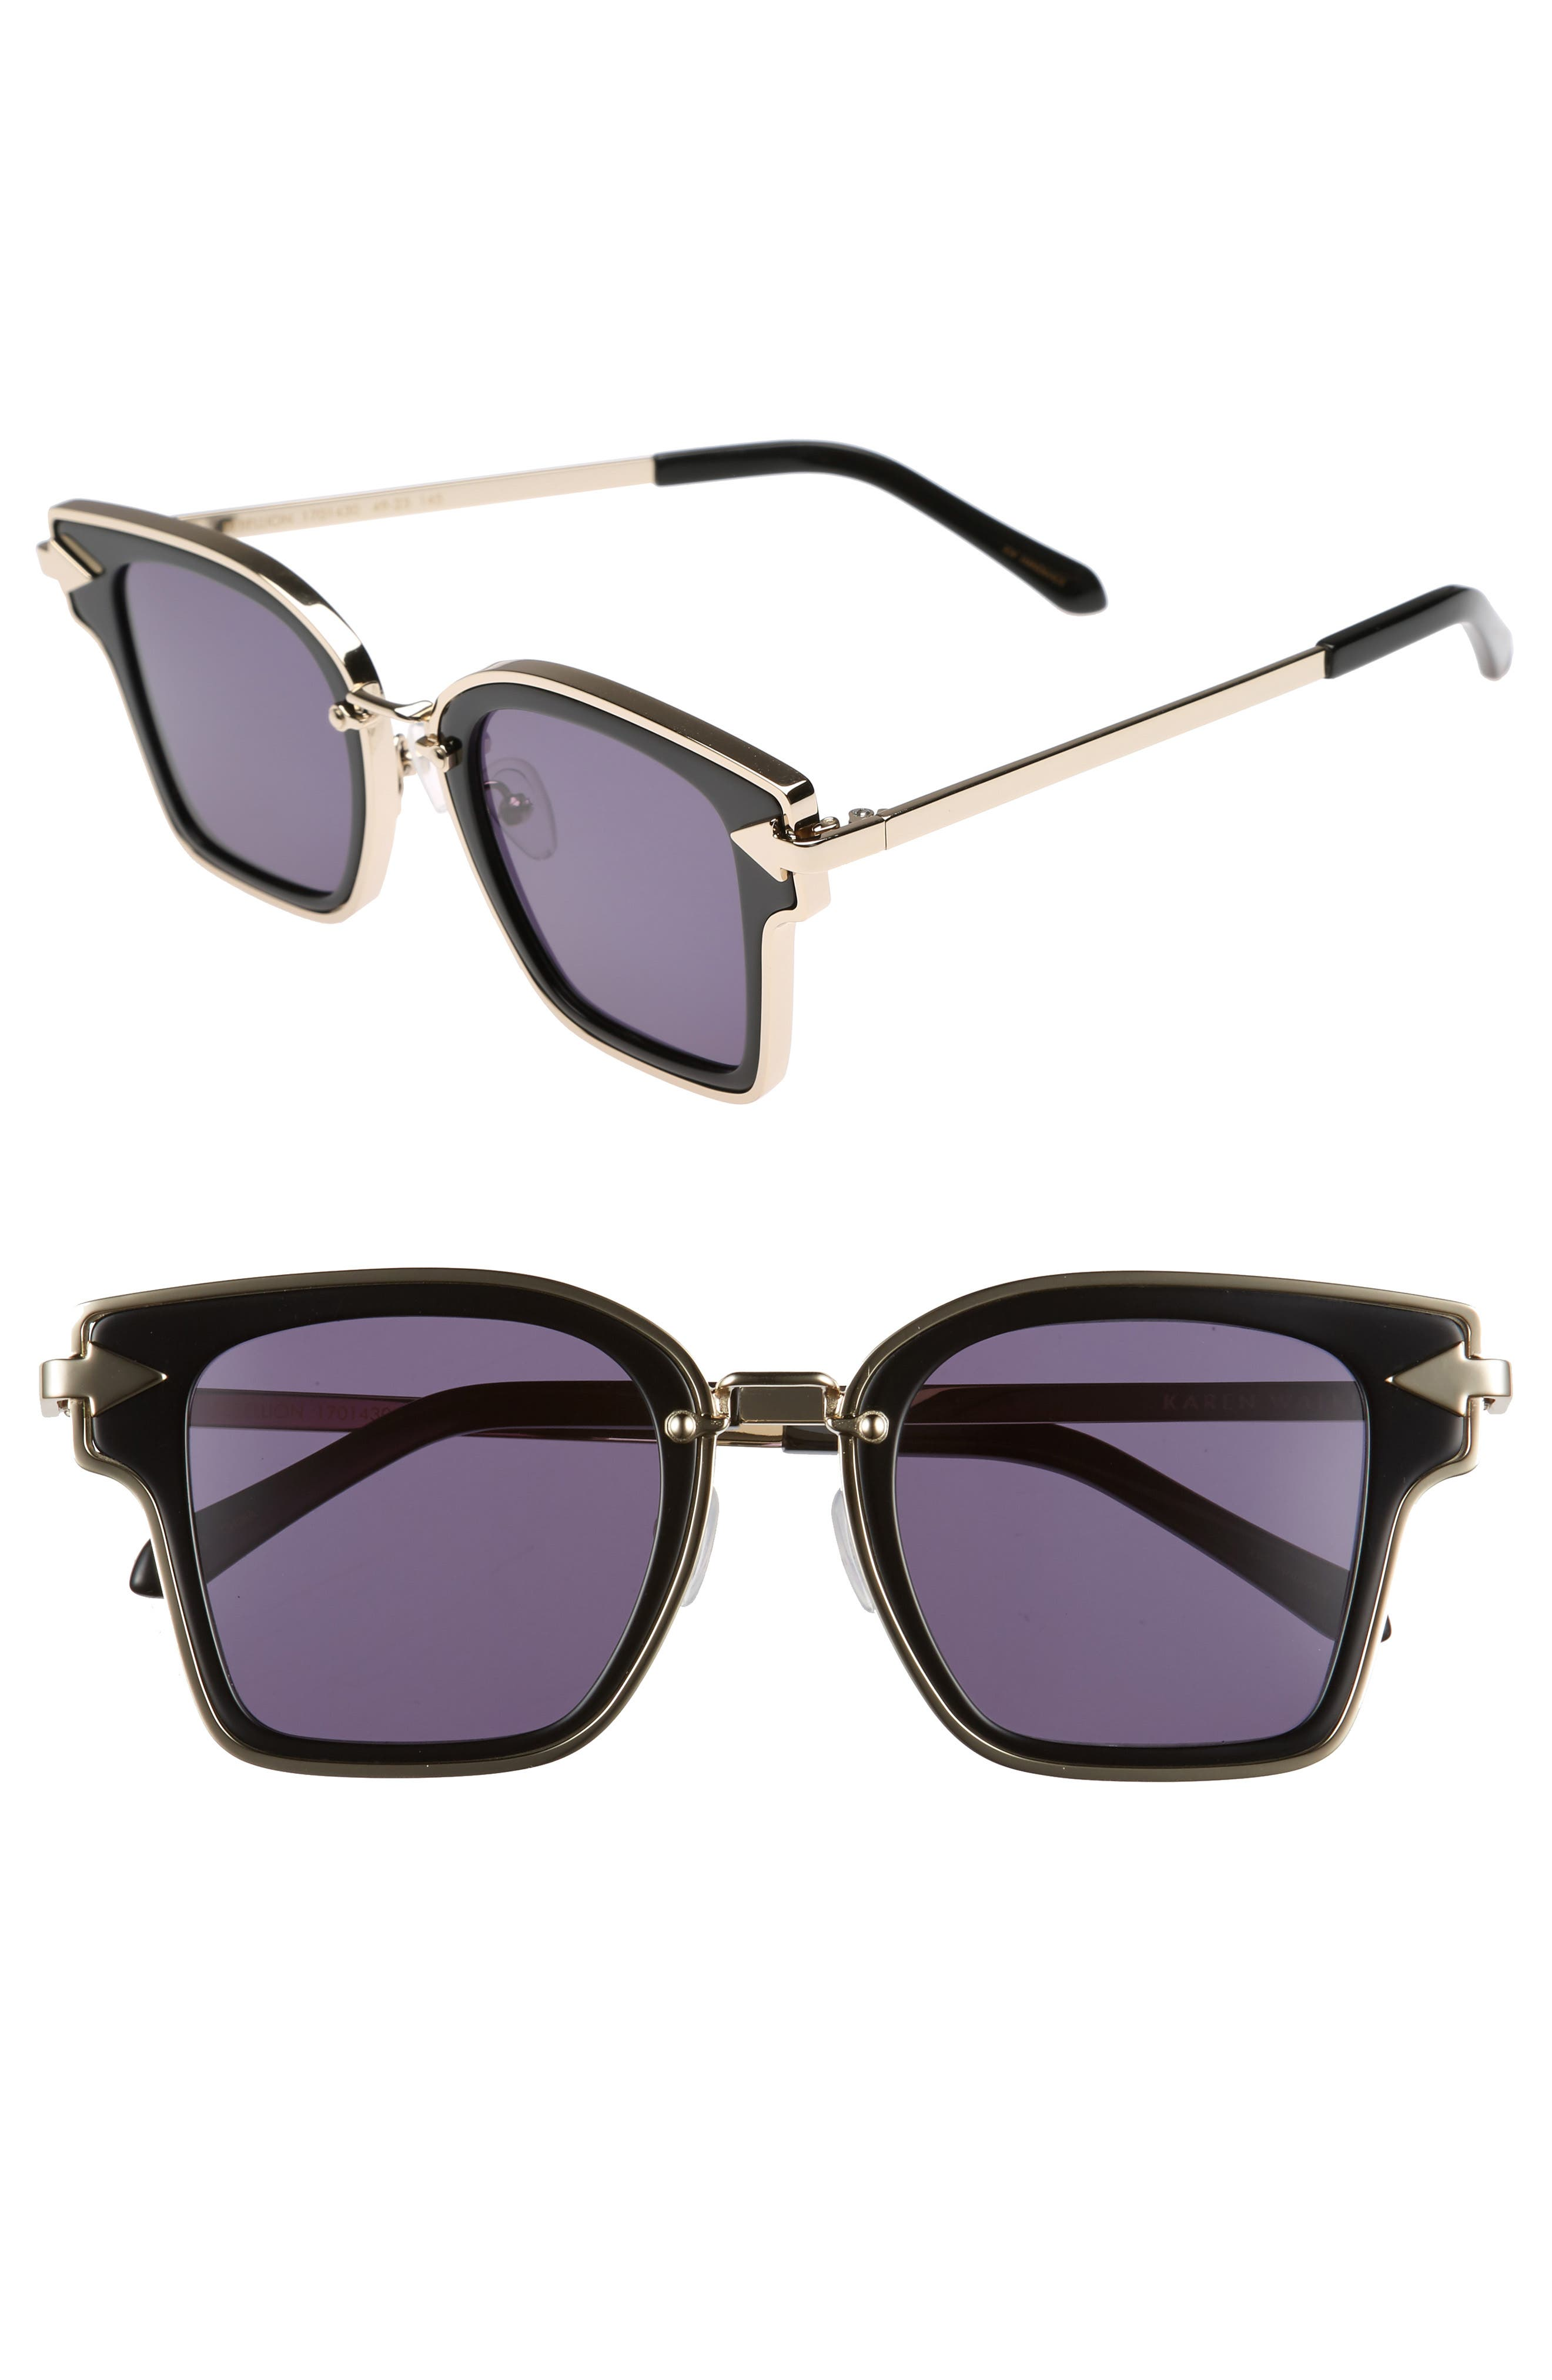 Main Image - Karen Walker Rebellion 49mm Sunglasses